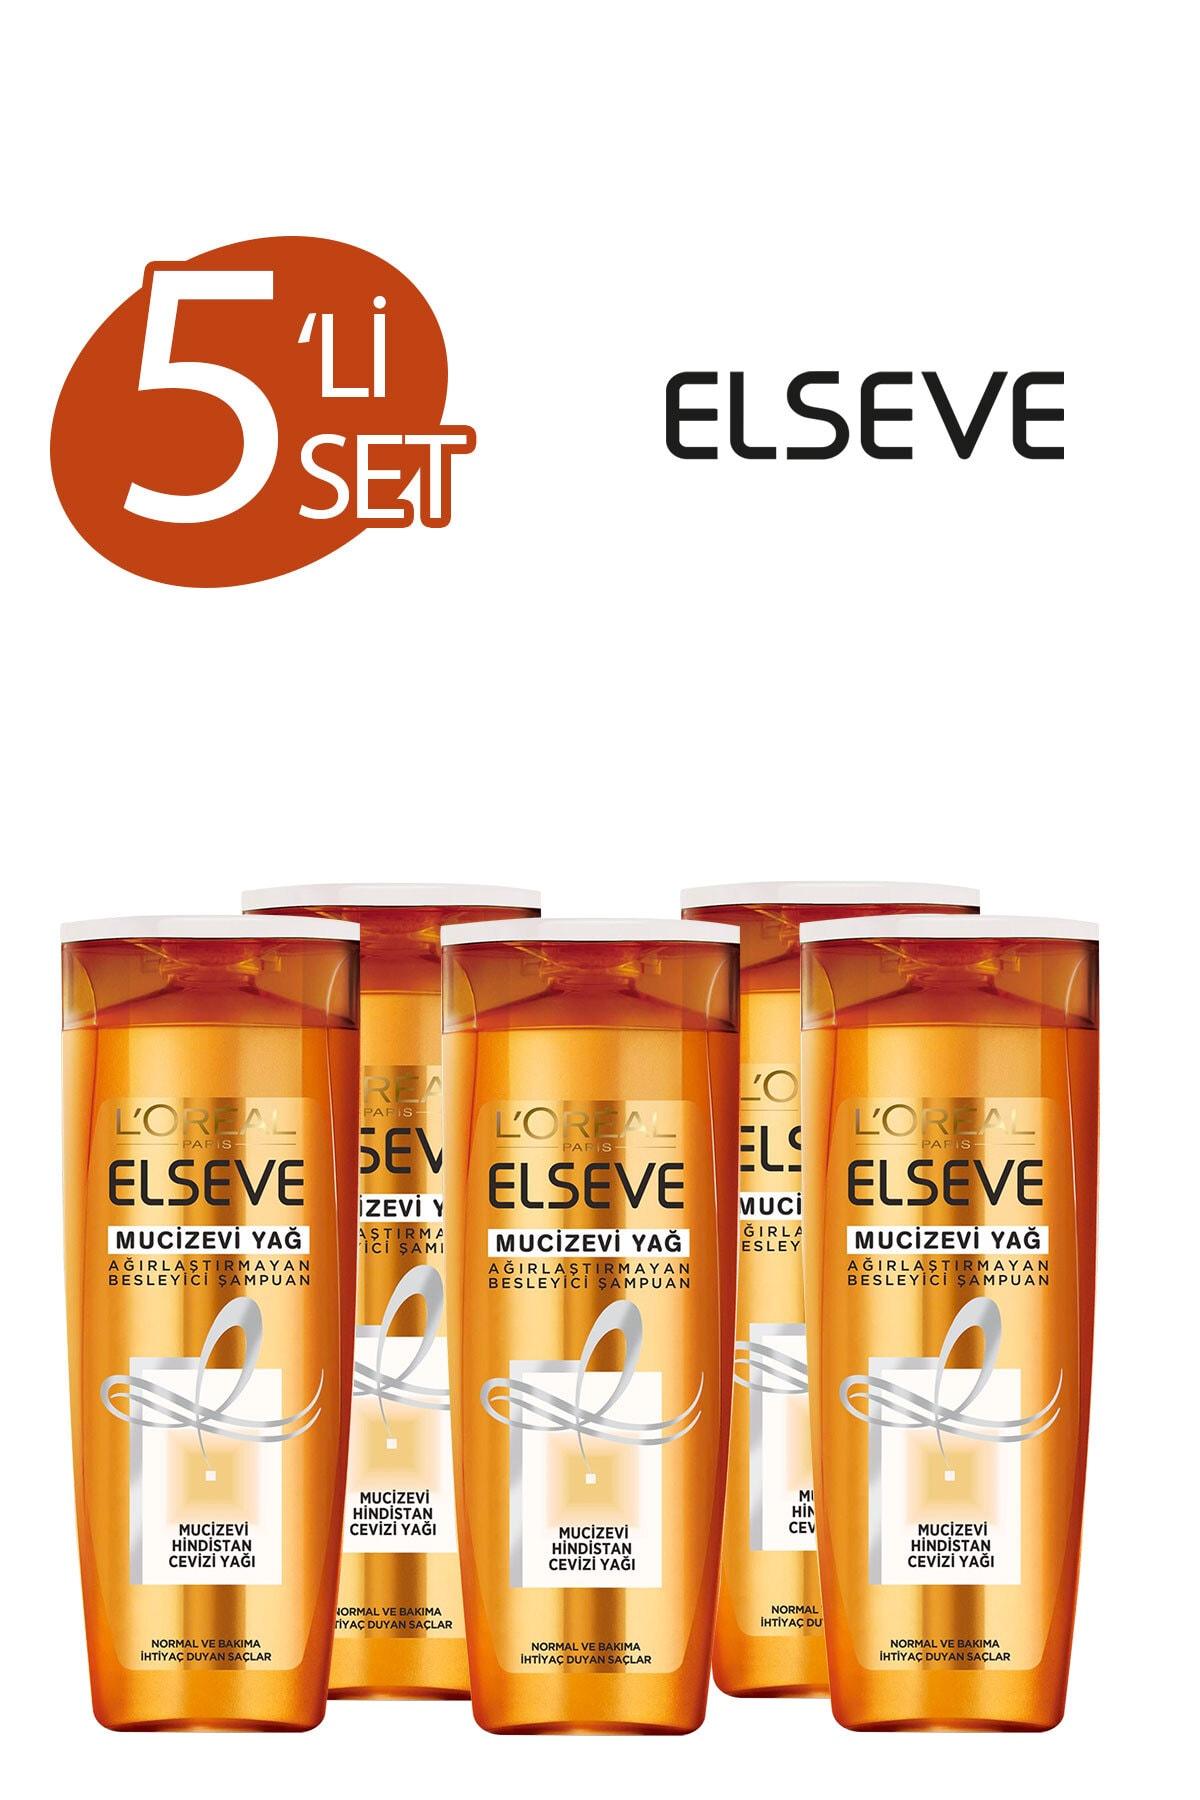 ELSEVE 5'li Mucizevi Hindistan Cevizi Yağı Ağırlaştırmayan Besleyici Şampuan 360 ml Seti  36005237558135 1